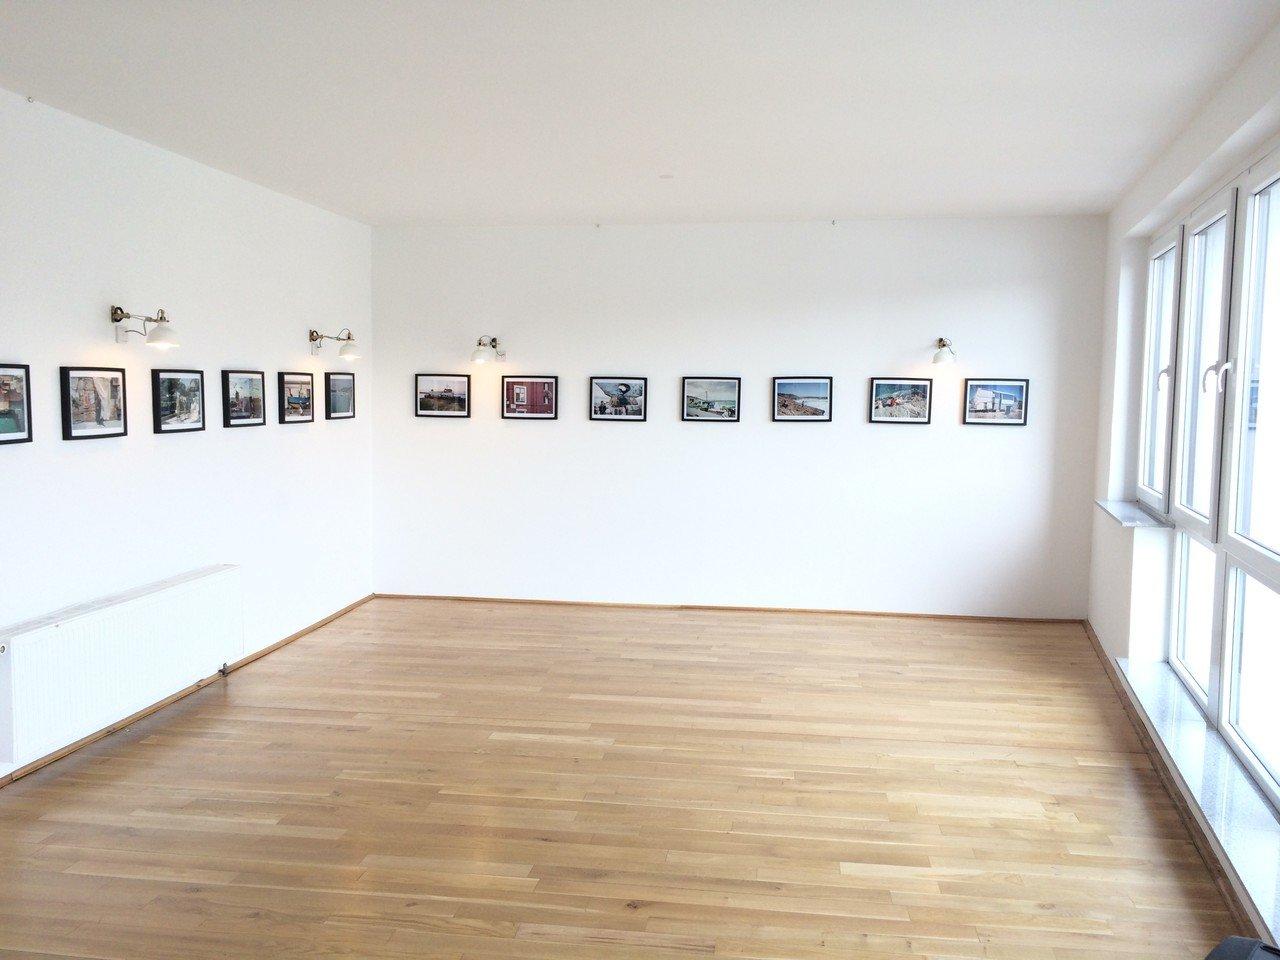 Dortmund workshop spaces Galerie TYDE Studios - Lounge image 8